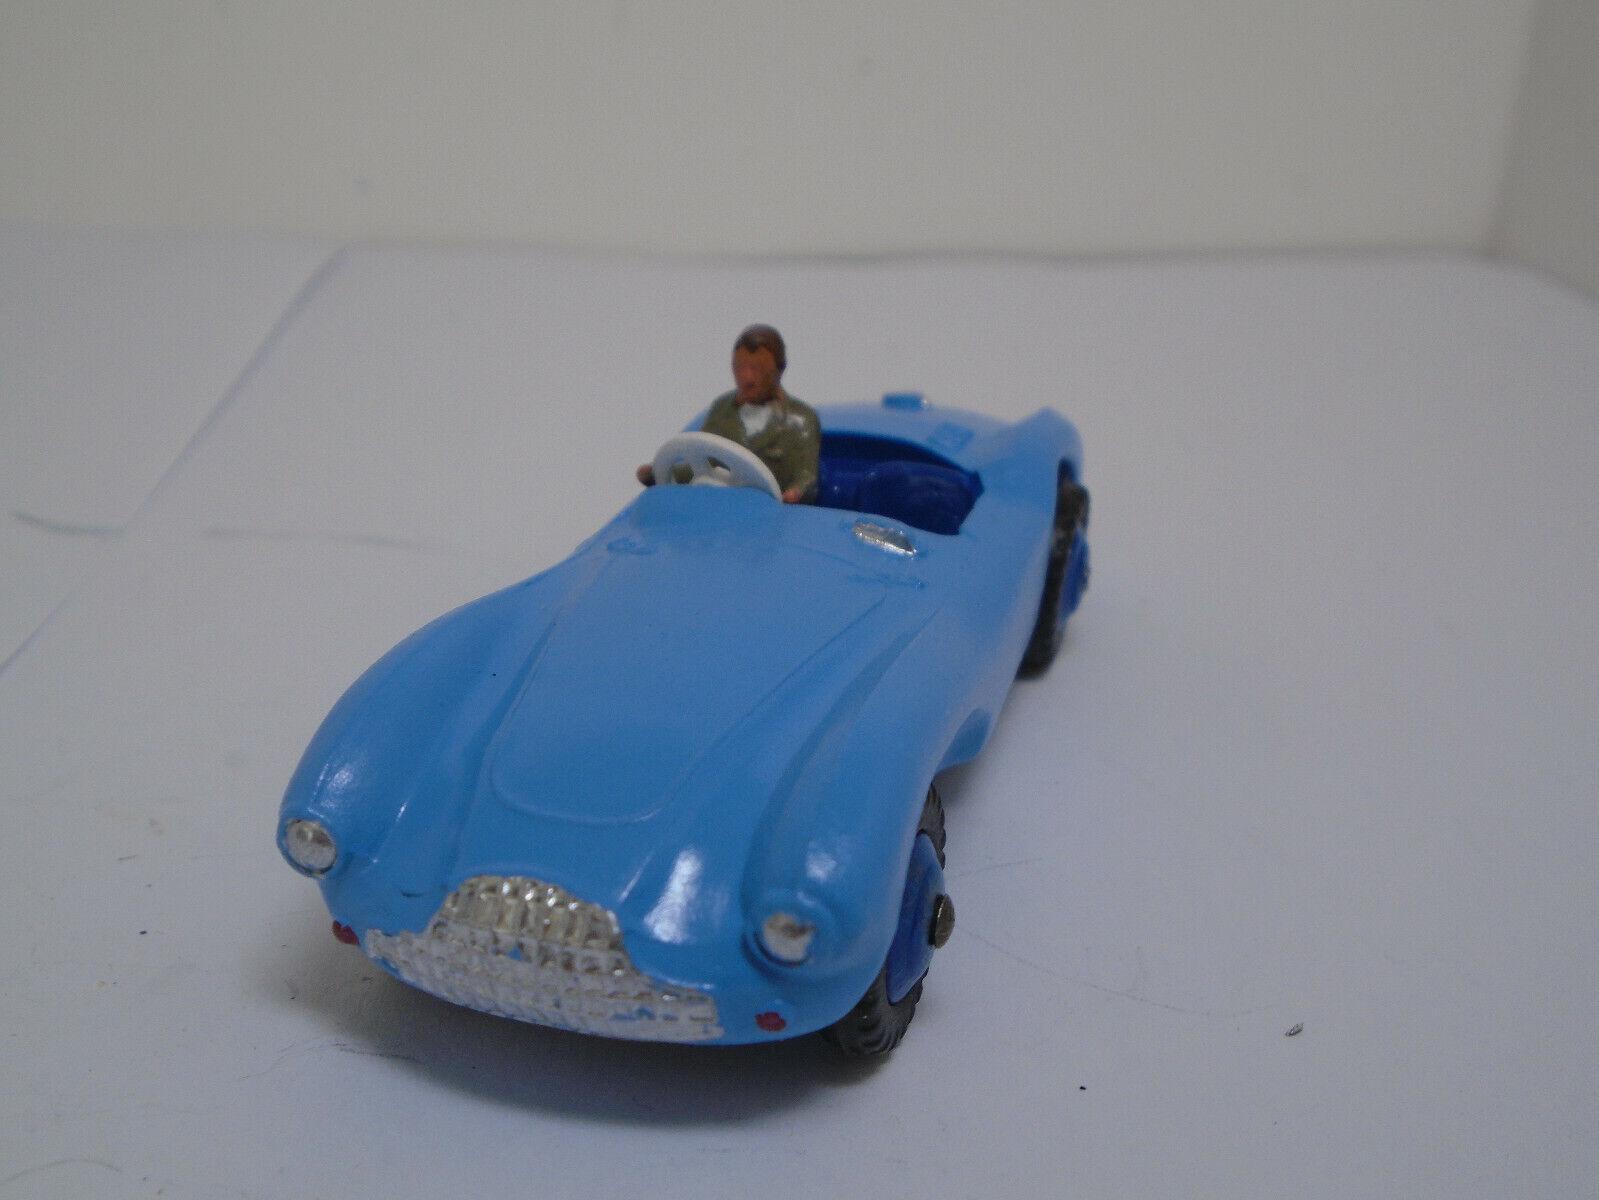 compras online de deportes Meccano Ltd. dinkyJuguetes    104 Marco de restaurado Aston Martin Sports Touring Coche  se descuenta